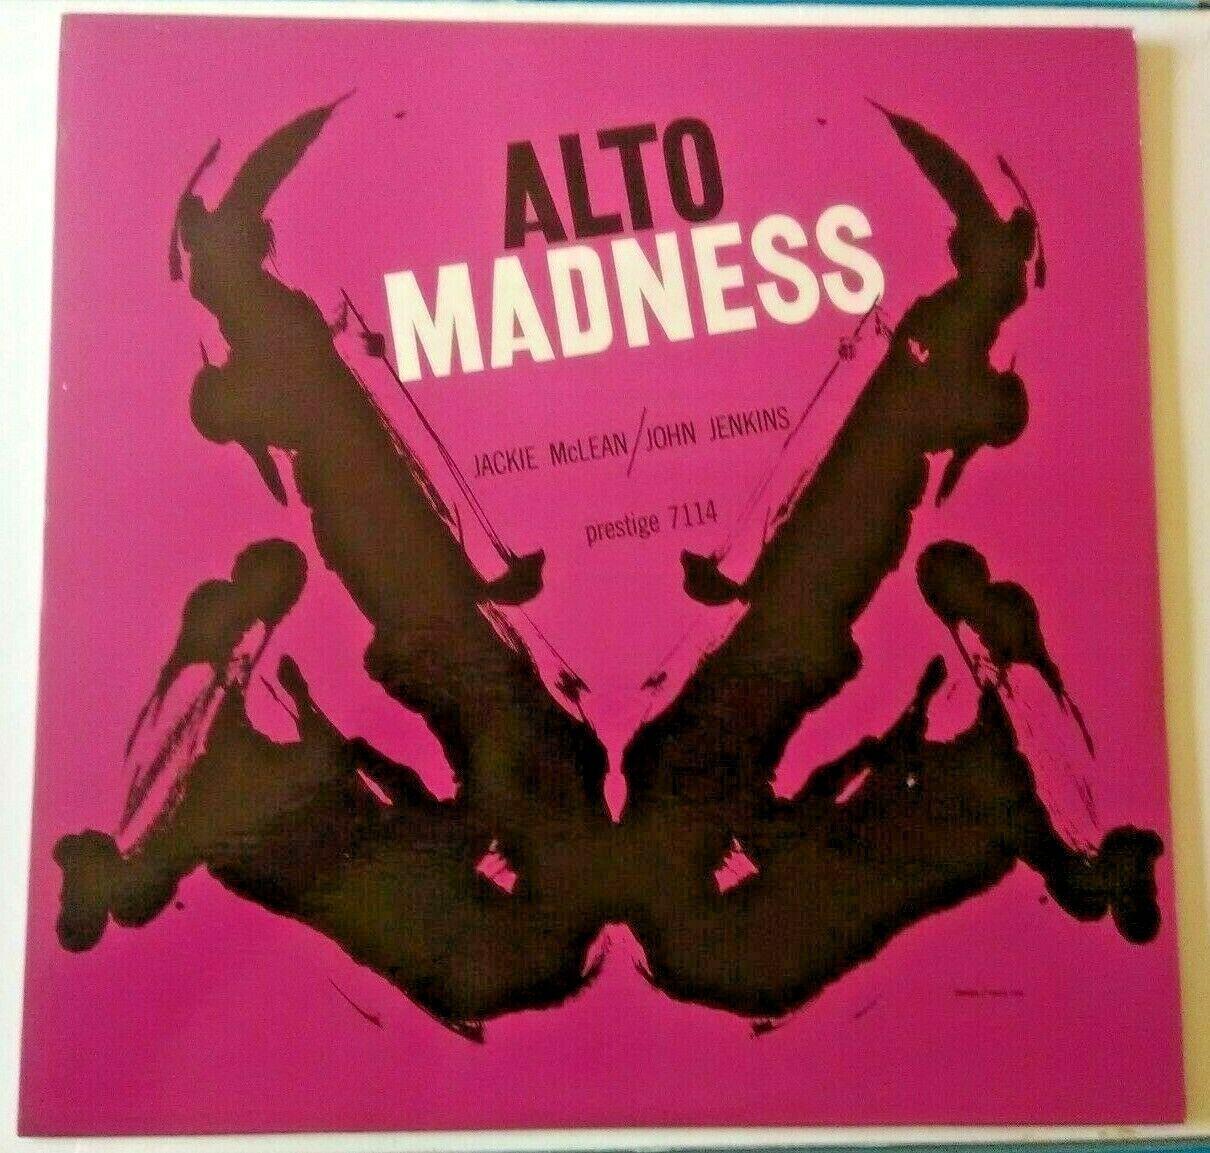 JACKIE MCLEAN JOHN JENKINS  Alto Madness  LP   prestige RVG 448 W  microgroove